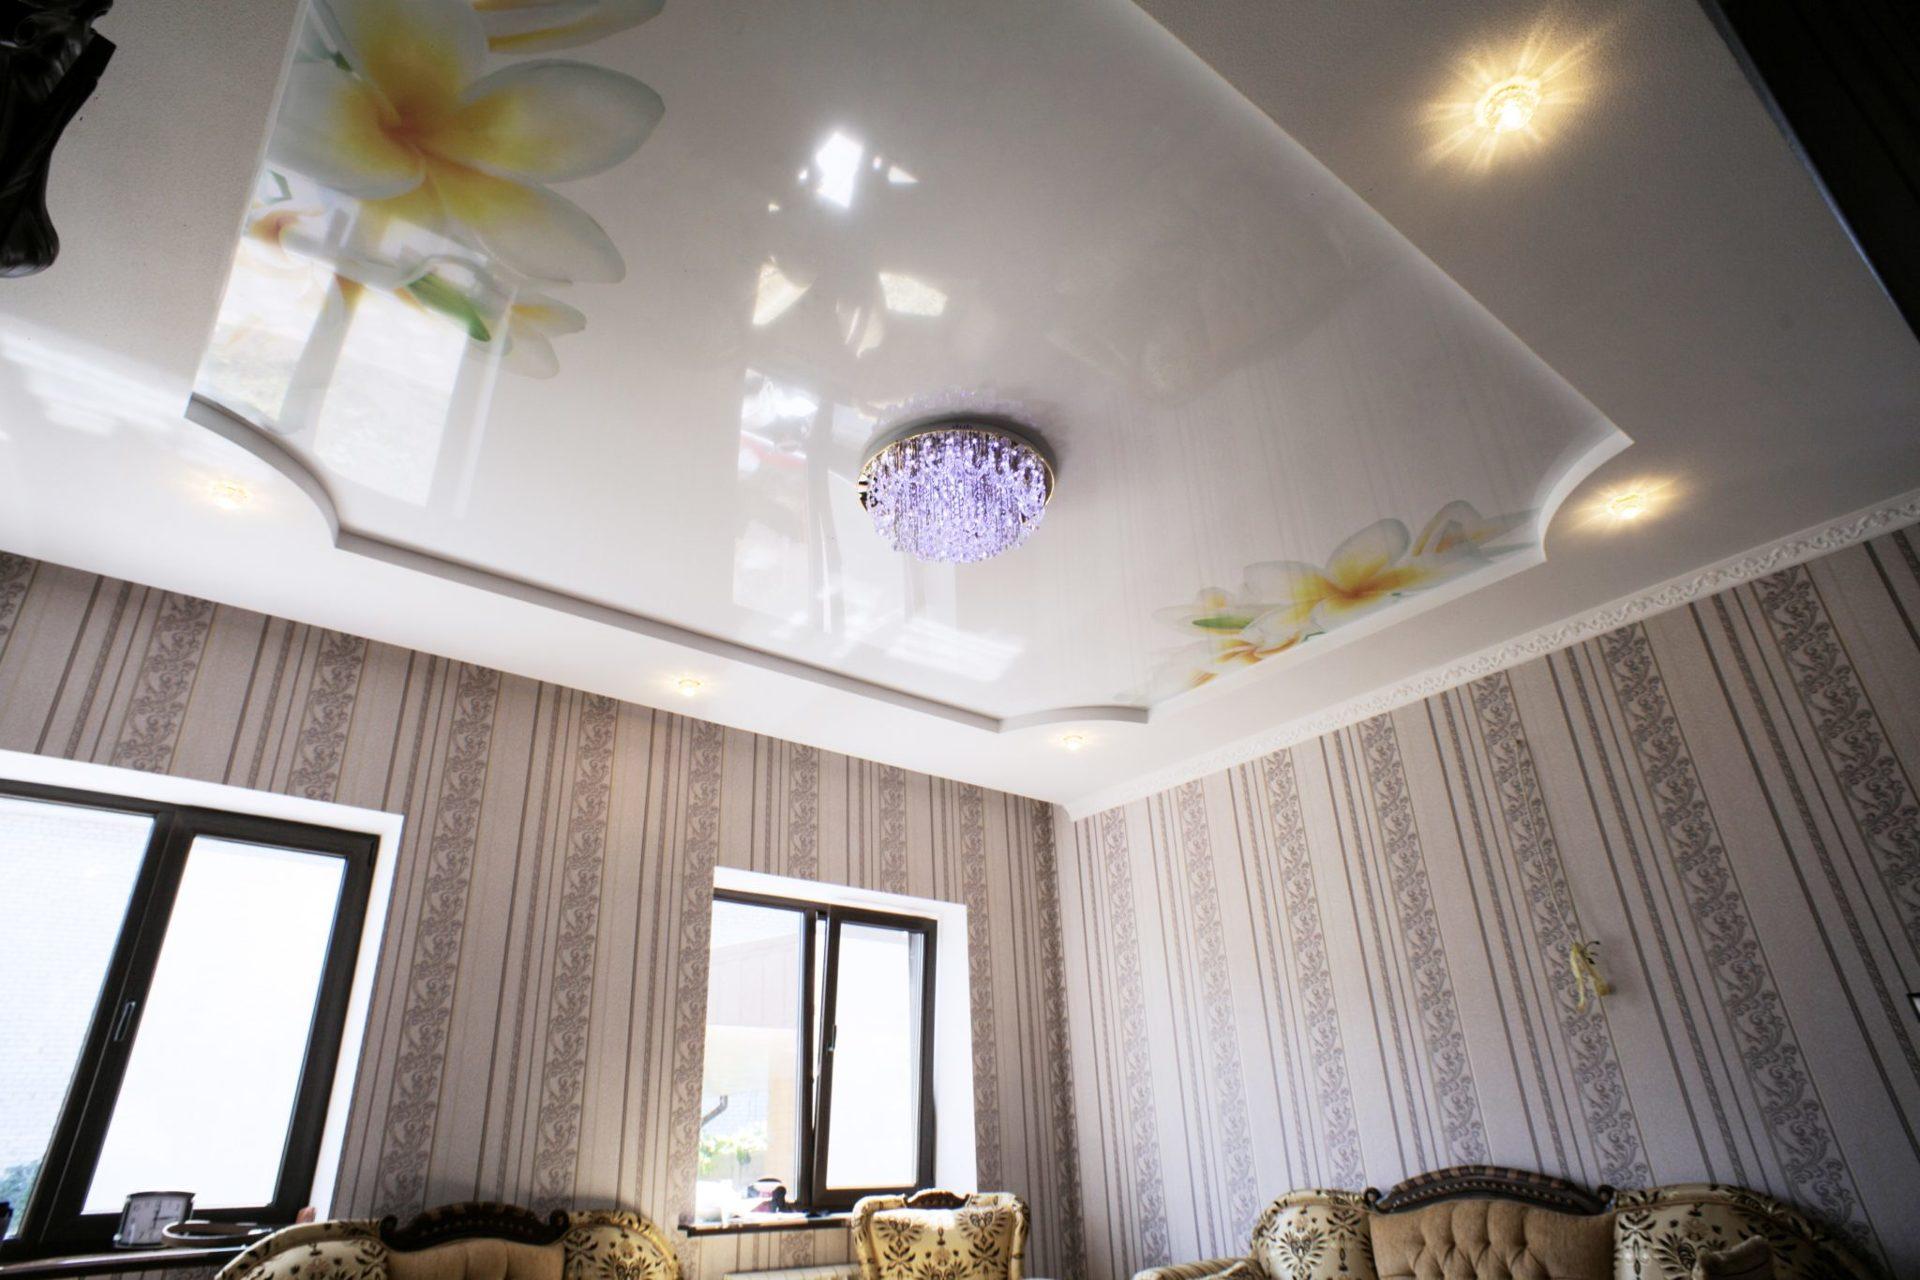 Многоуровневый потолок с сочетанием матовой и глянцевой фактуры, с люстрой и светильниками